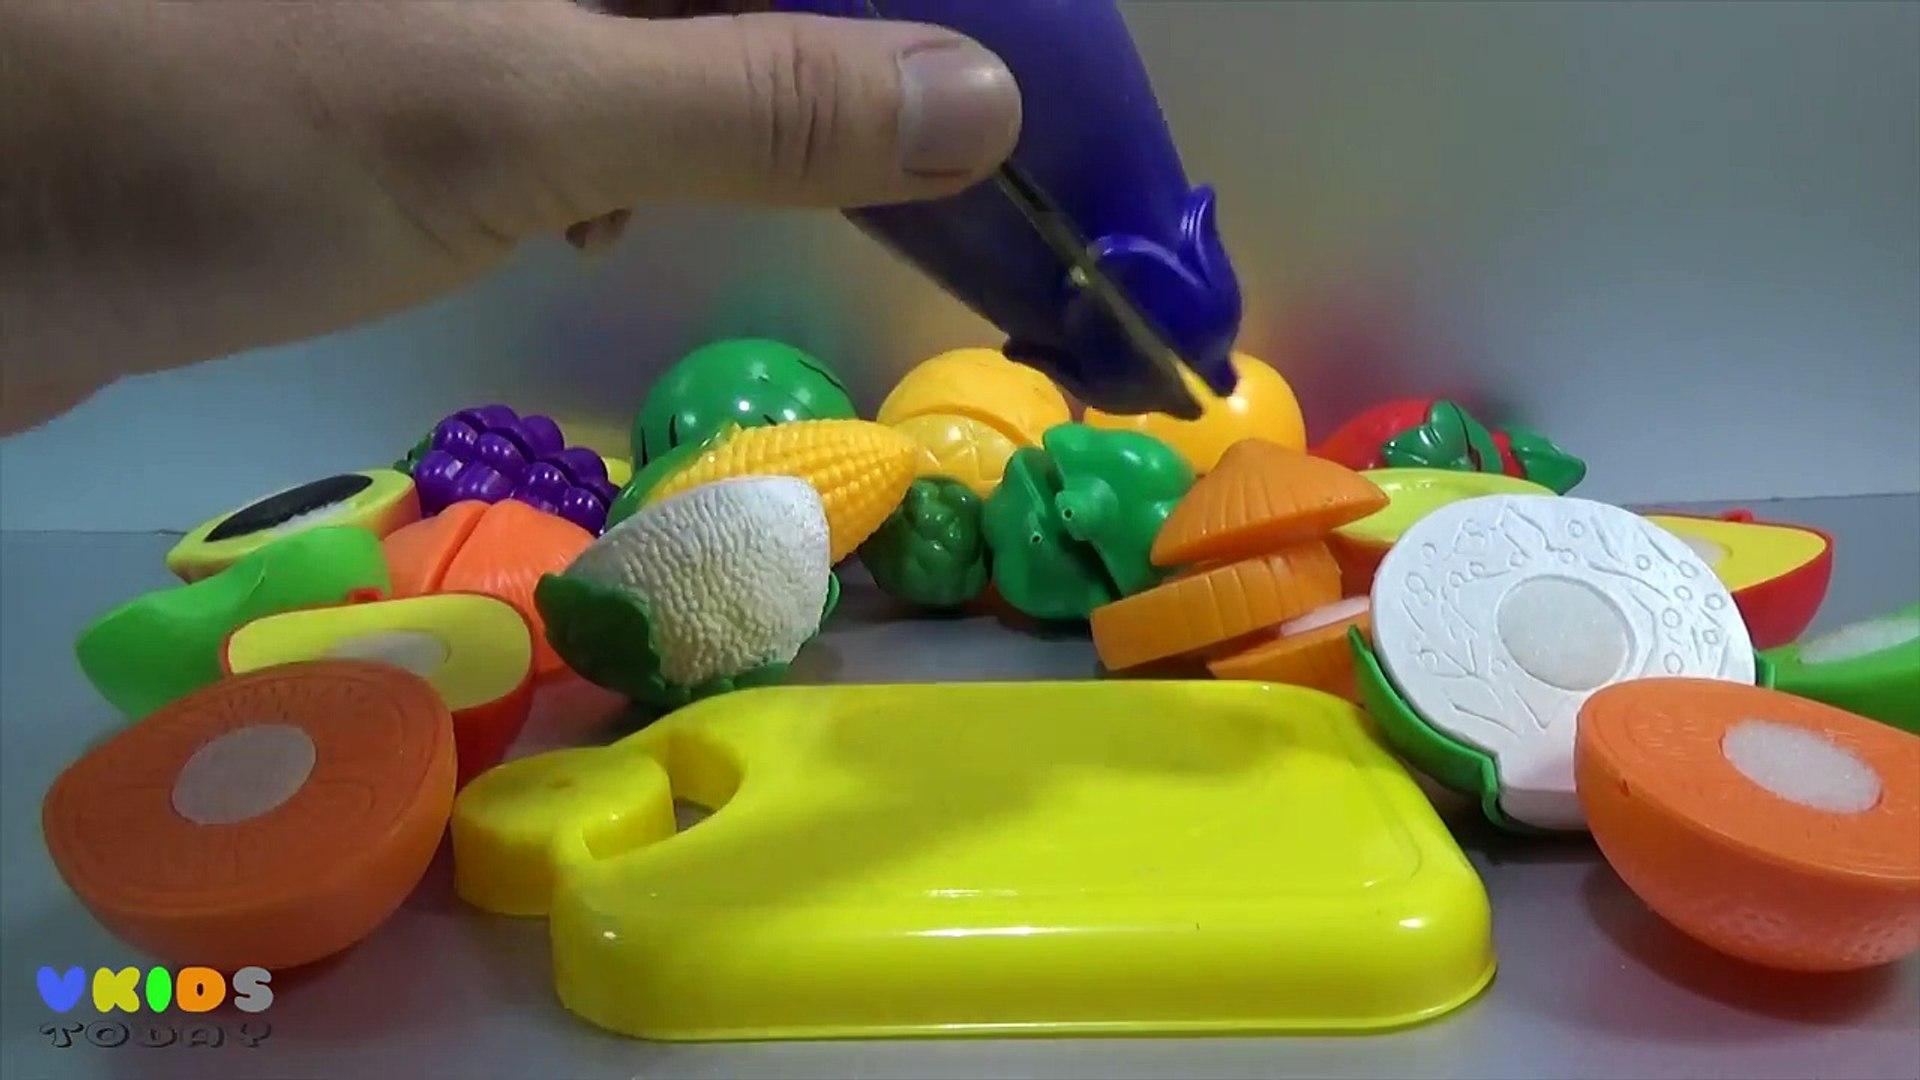 И цвета резка фрукты фрукты Узнайте имен из игрушка овощи липучка с v